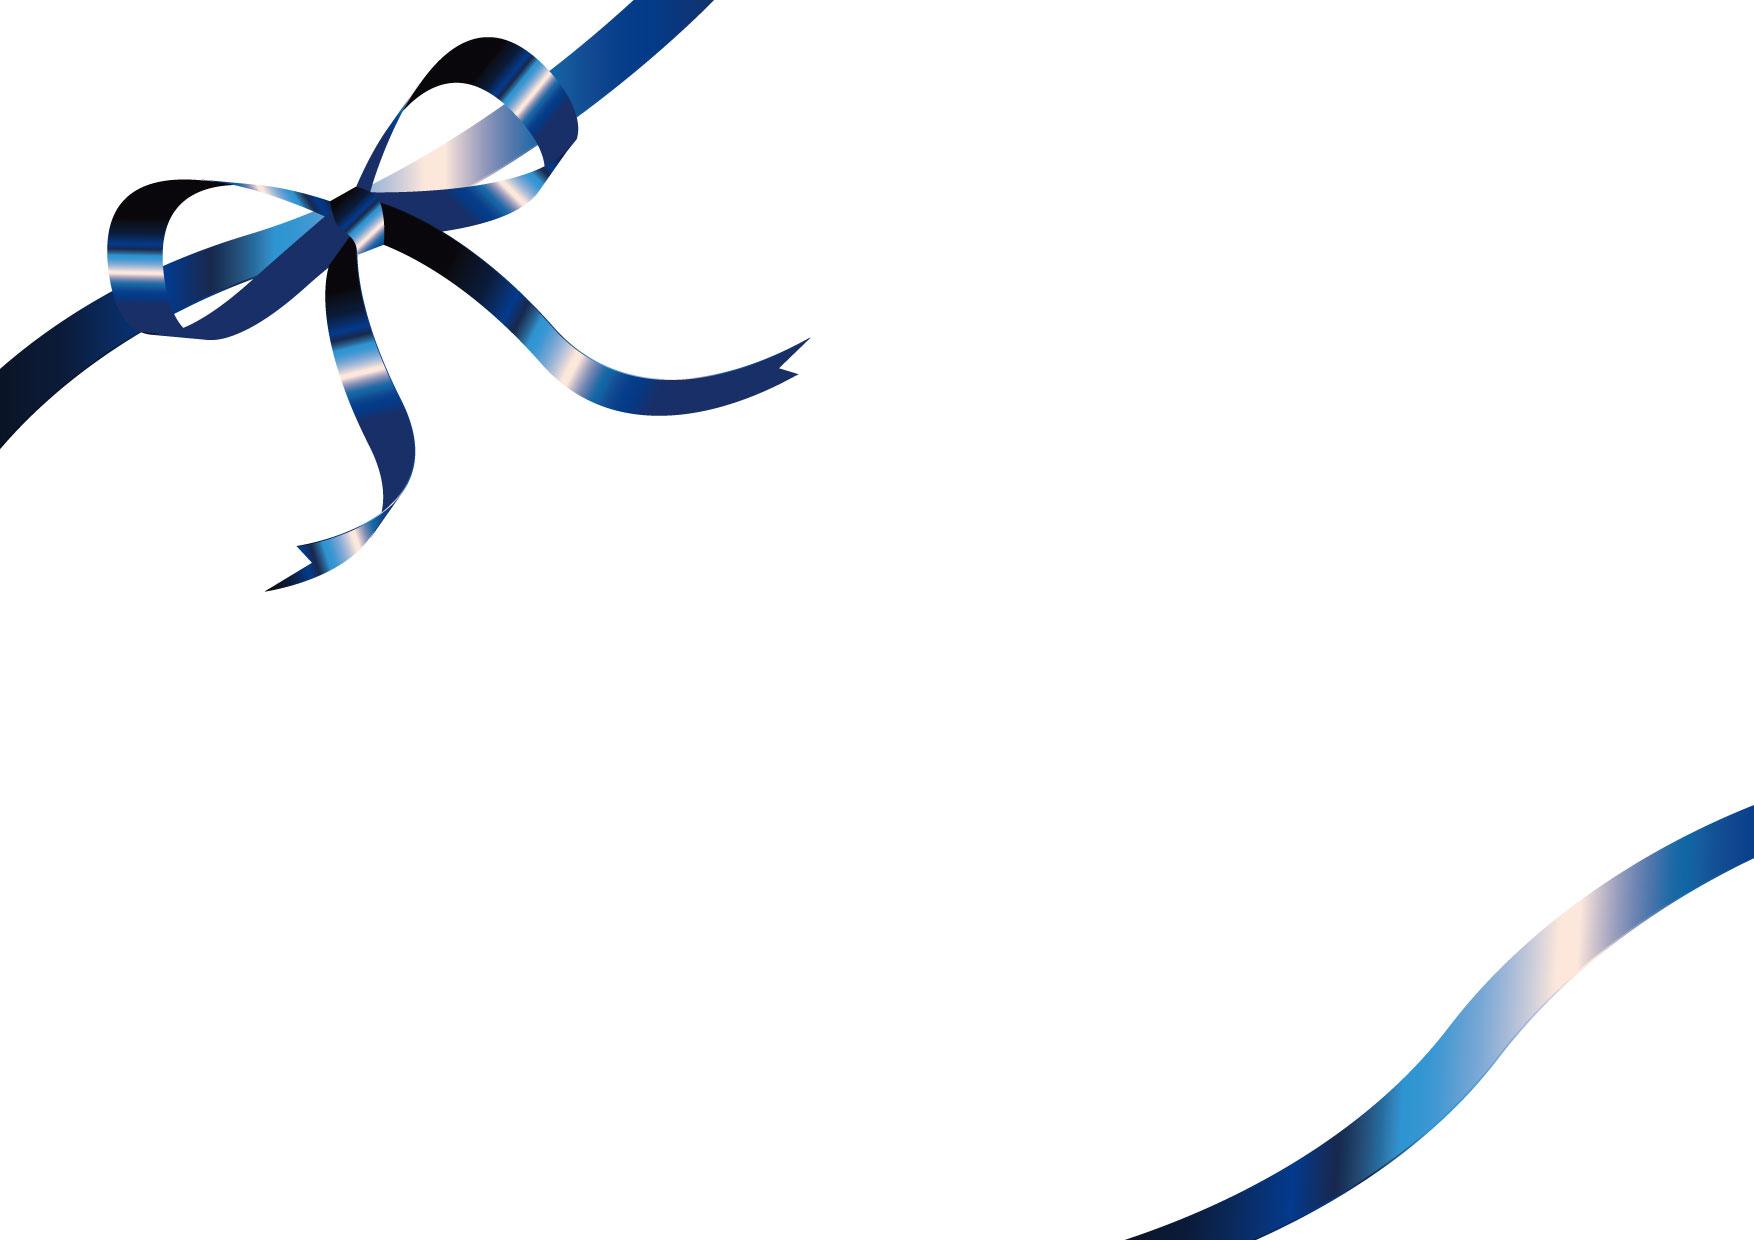 可愛いイラスト無料|リボン 青 背景 − free illustration Ribbon blue background